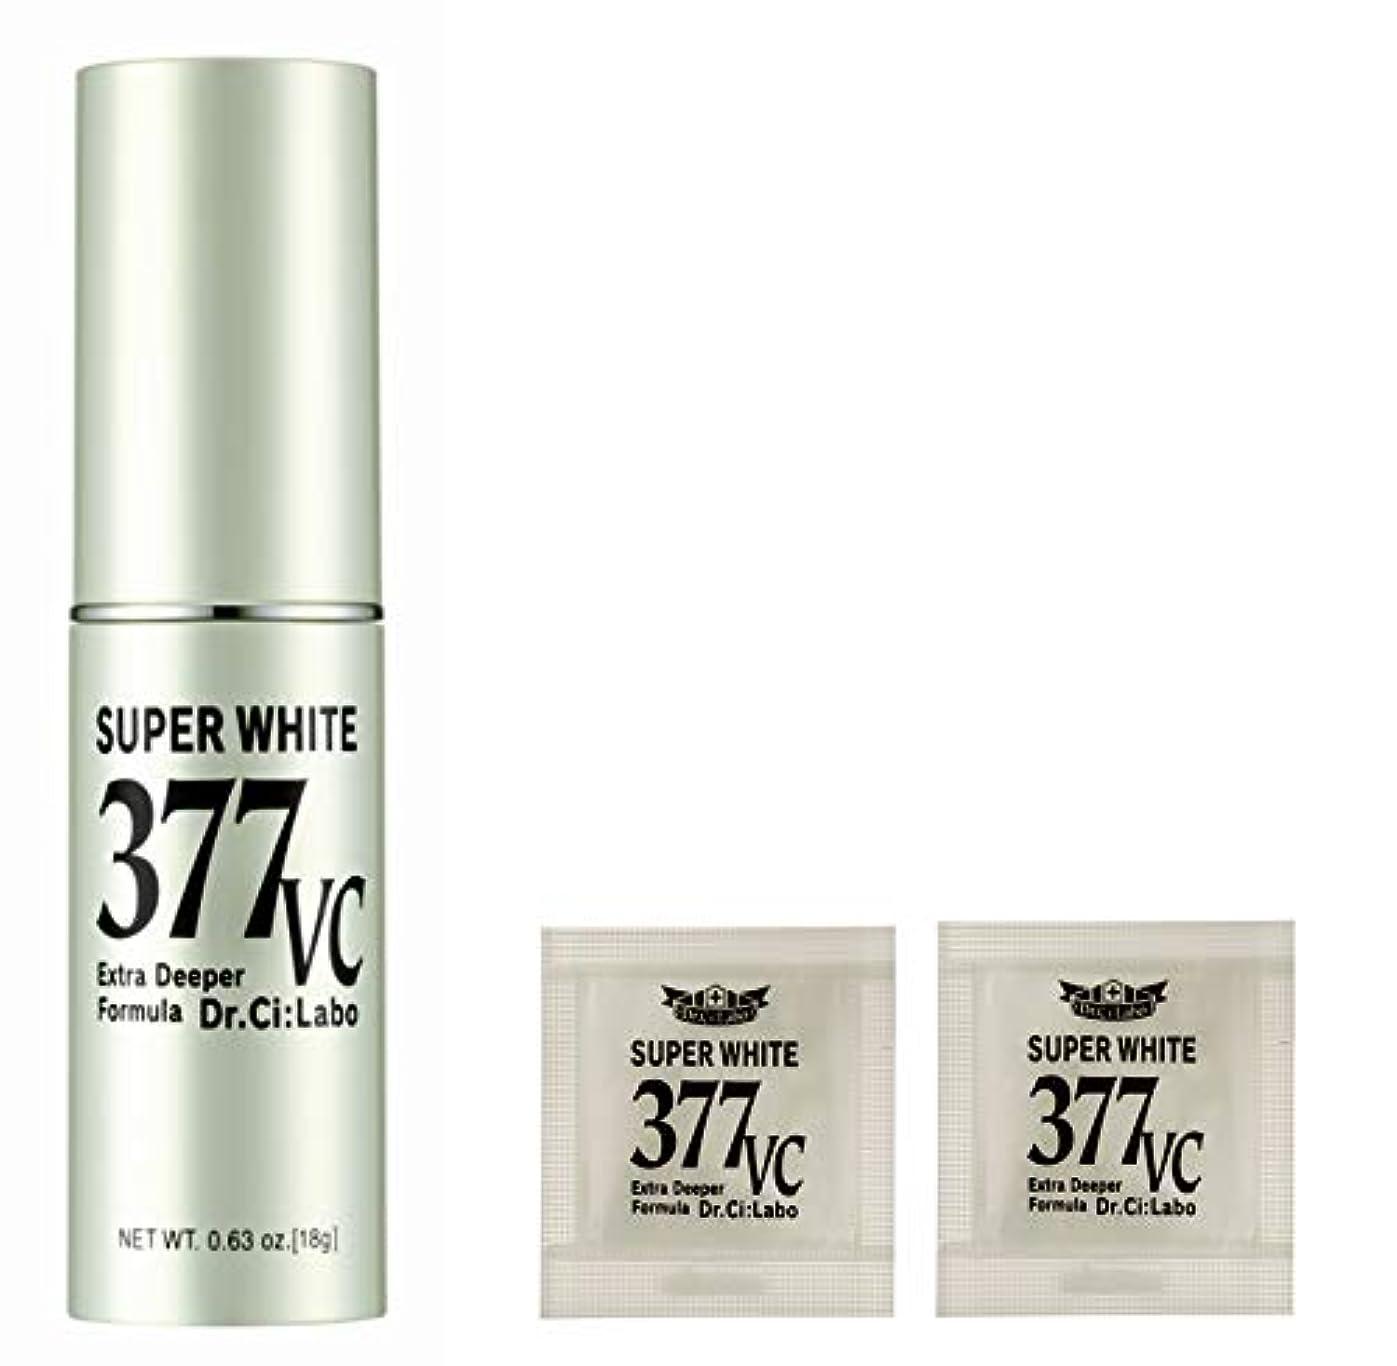 実際のバーガー和解する【Amazon.co.jp限定】 ドクターシーラボ スーパーホワイト377VC+サンプルパウチ 美容液 セット 18g+サンプル1回分付き